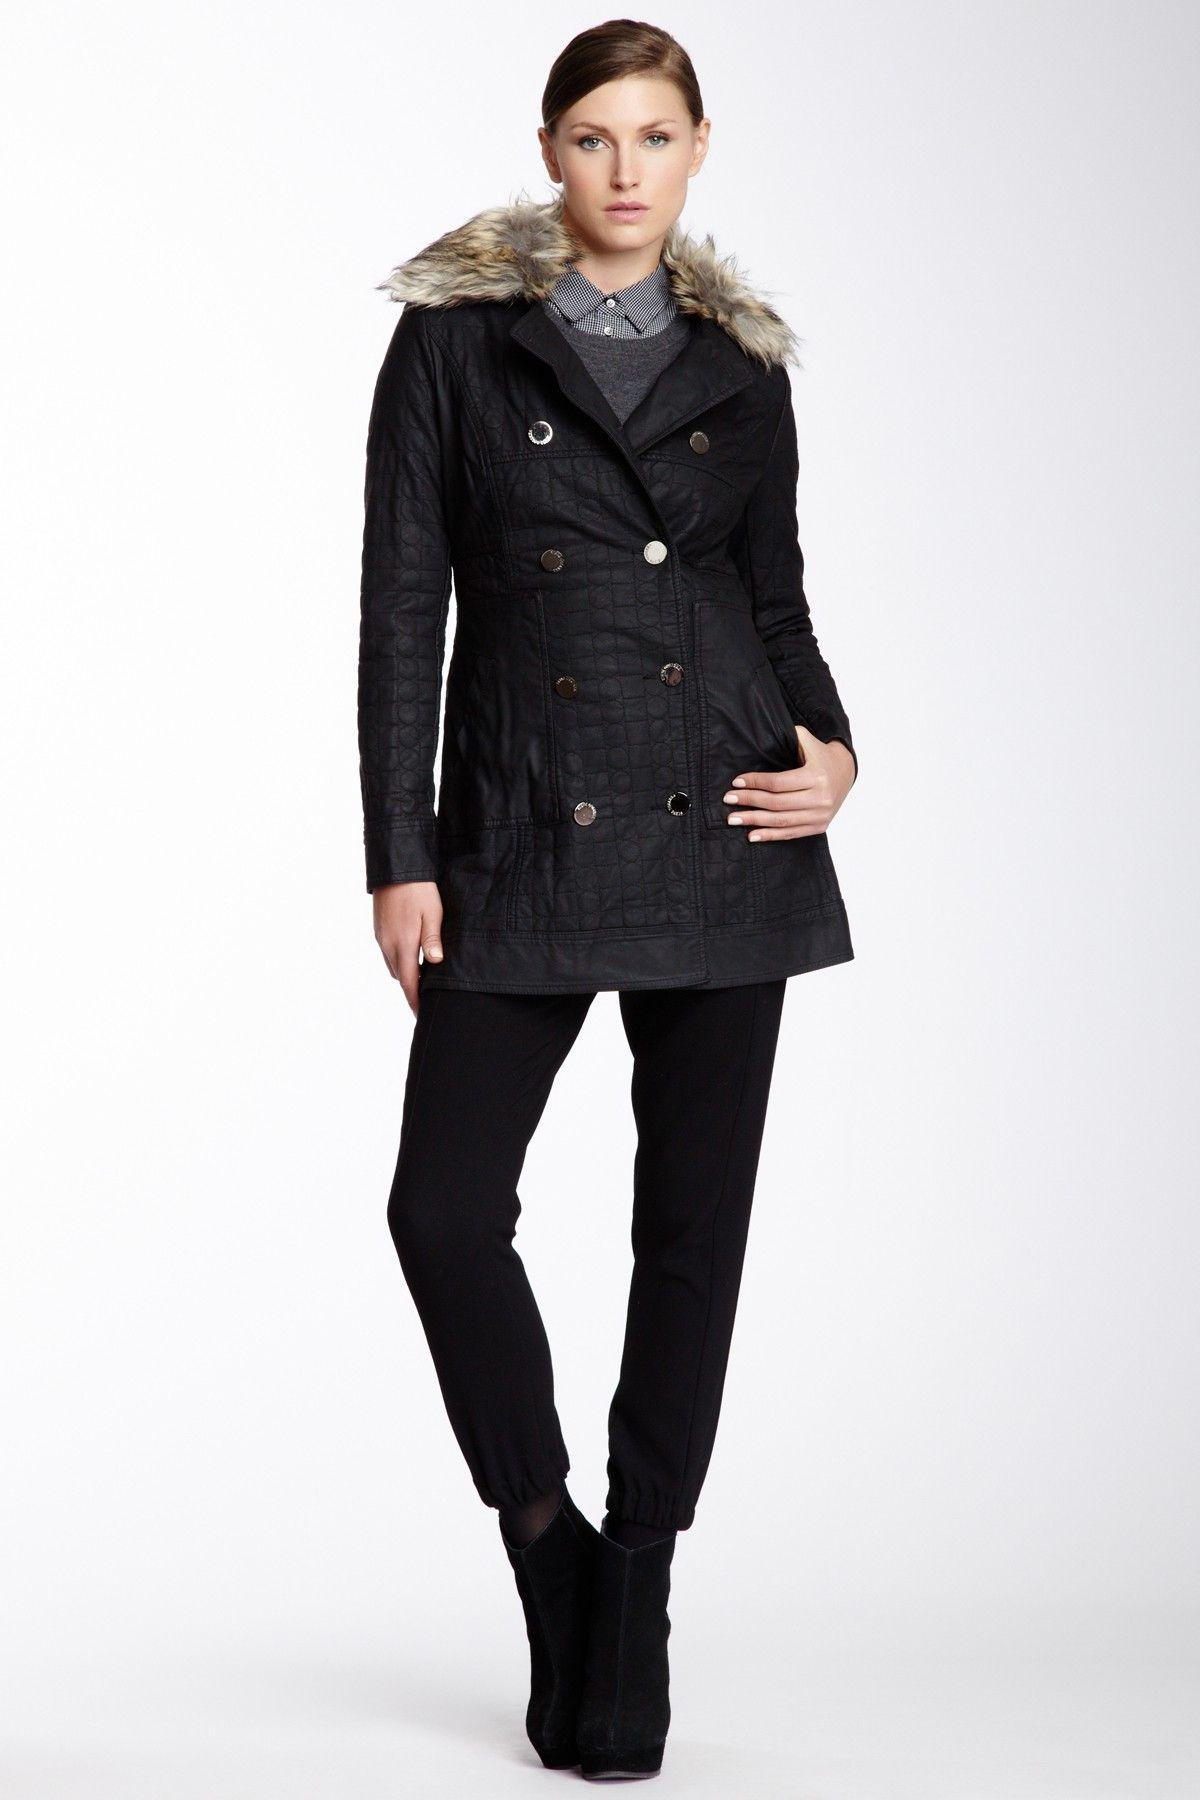 Vertigo Faux Leather Faux Fur Trim Jacket Jackets, Fur